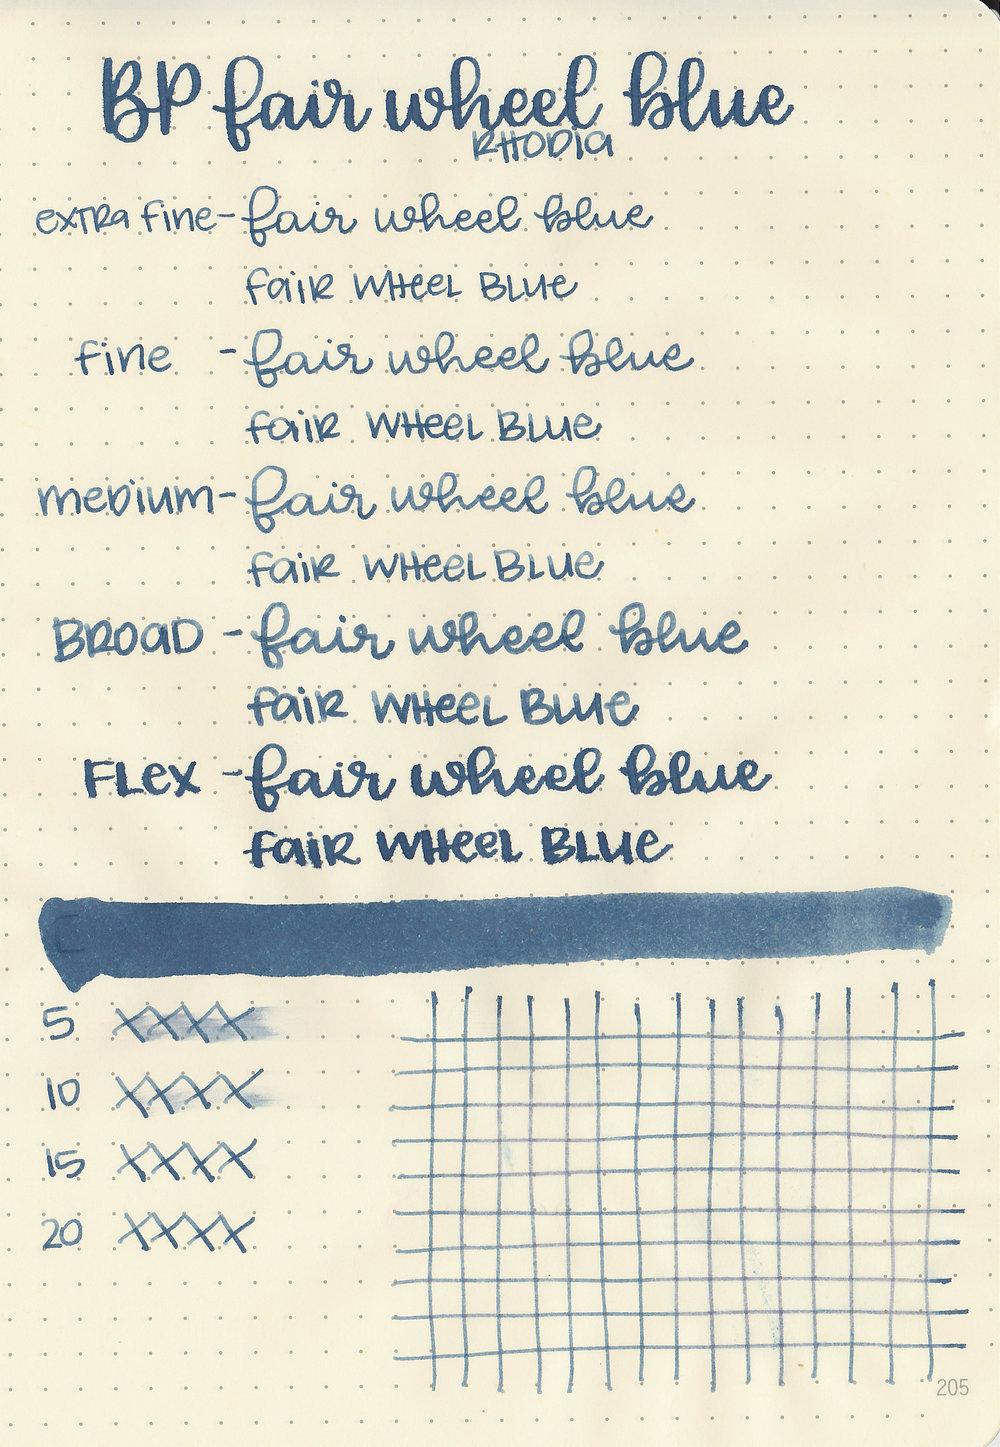 bp-fair-wheel-blue-8.jpg